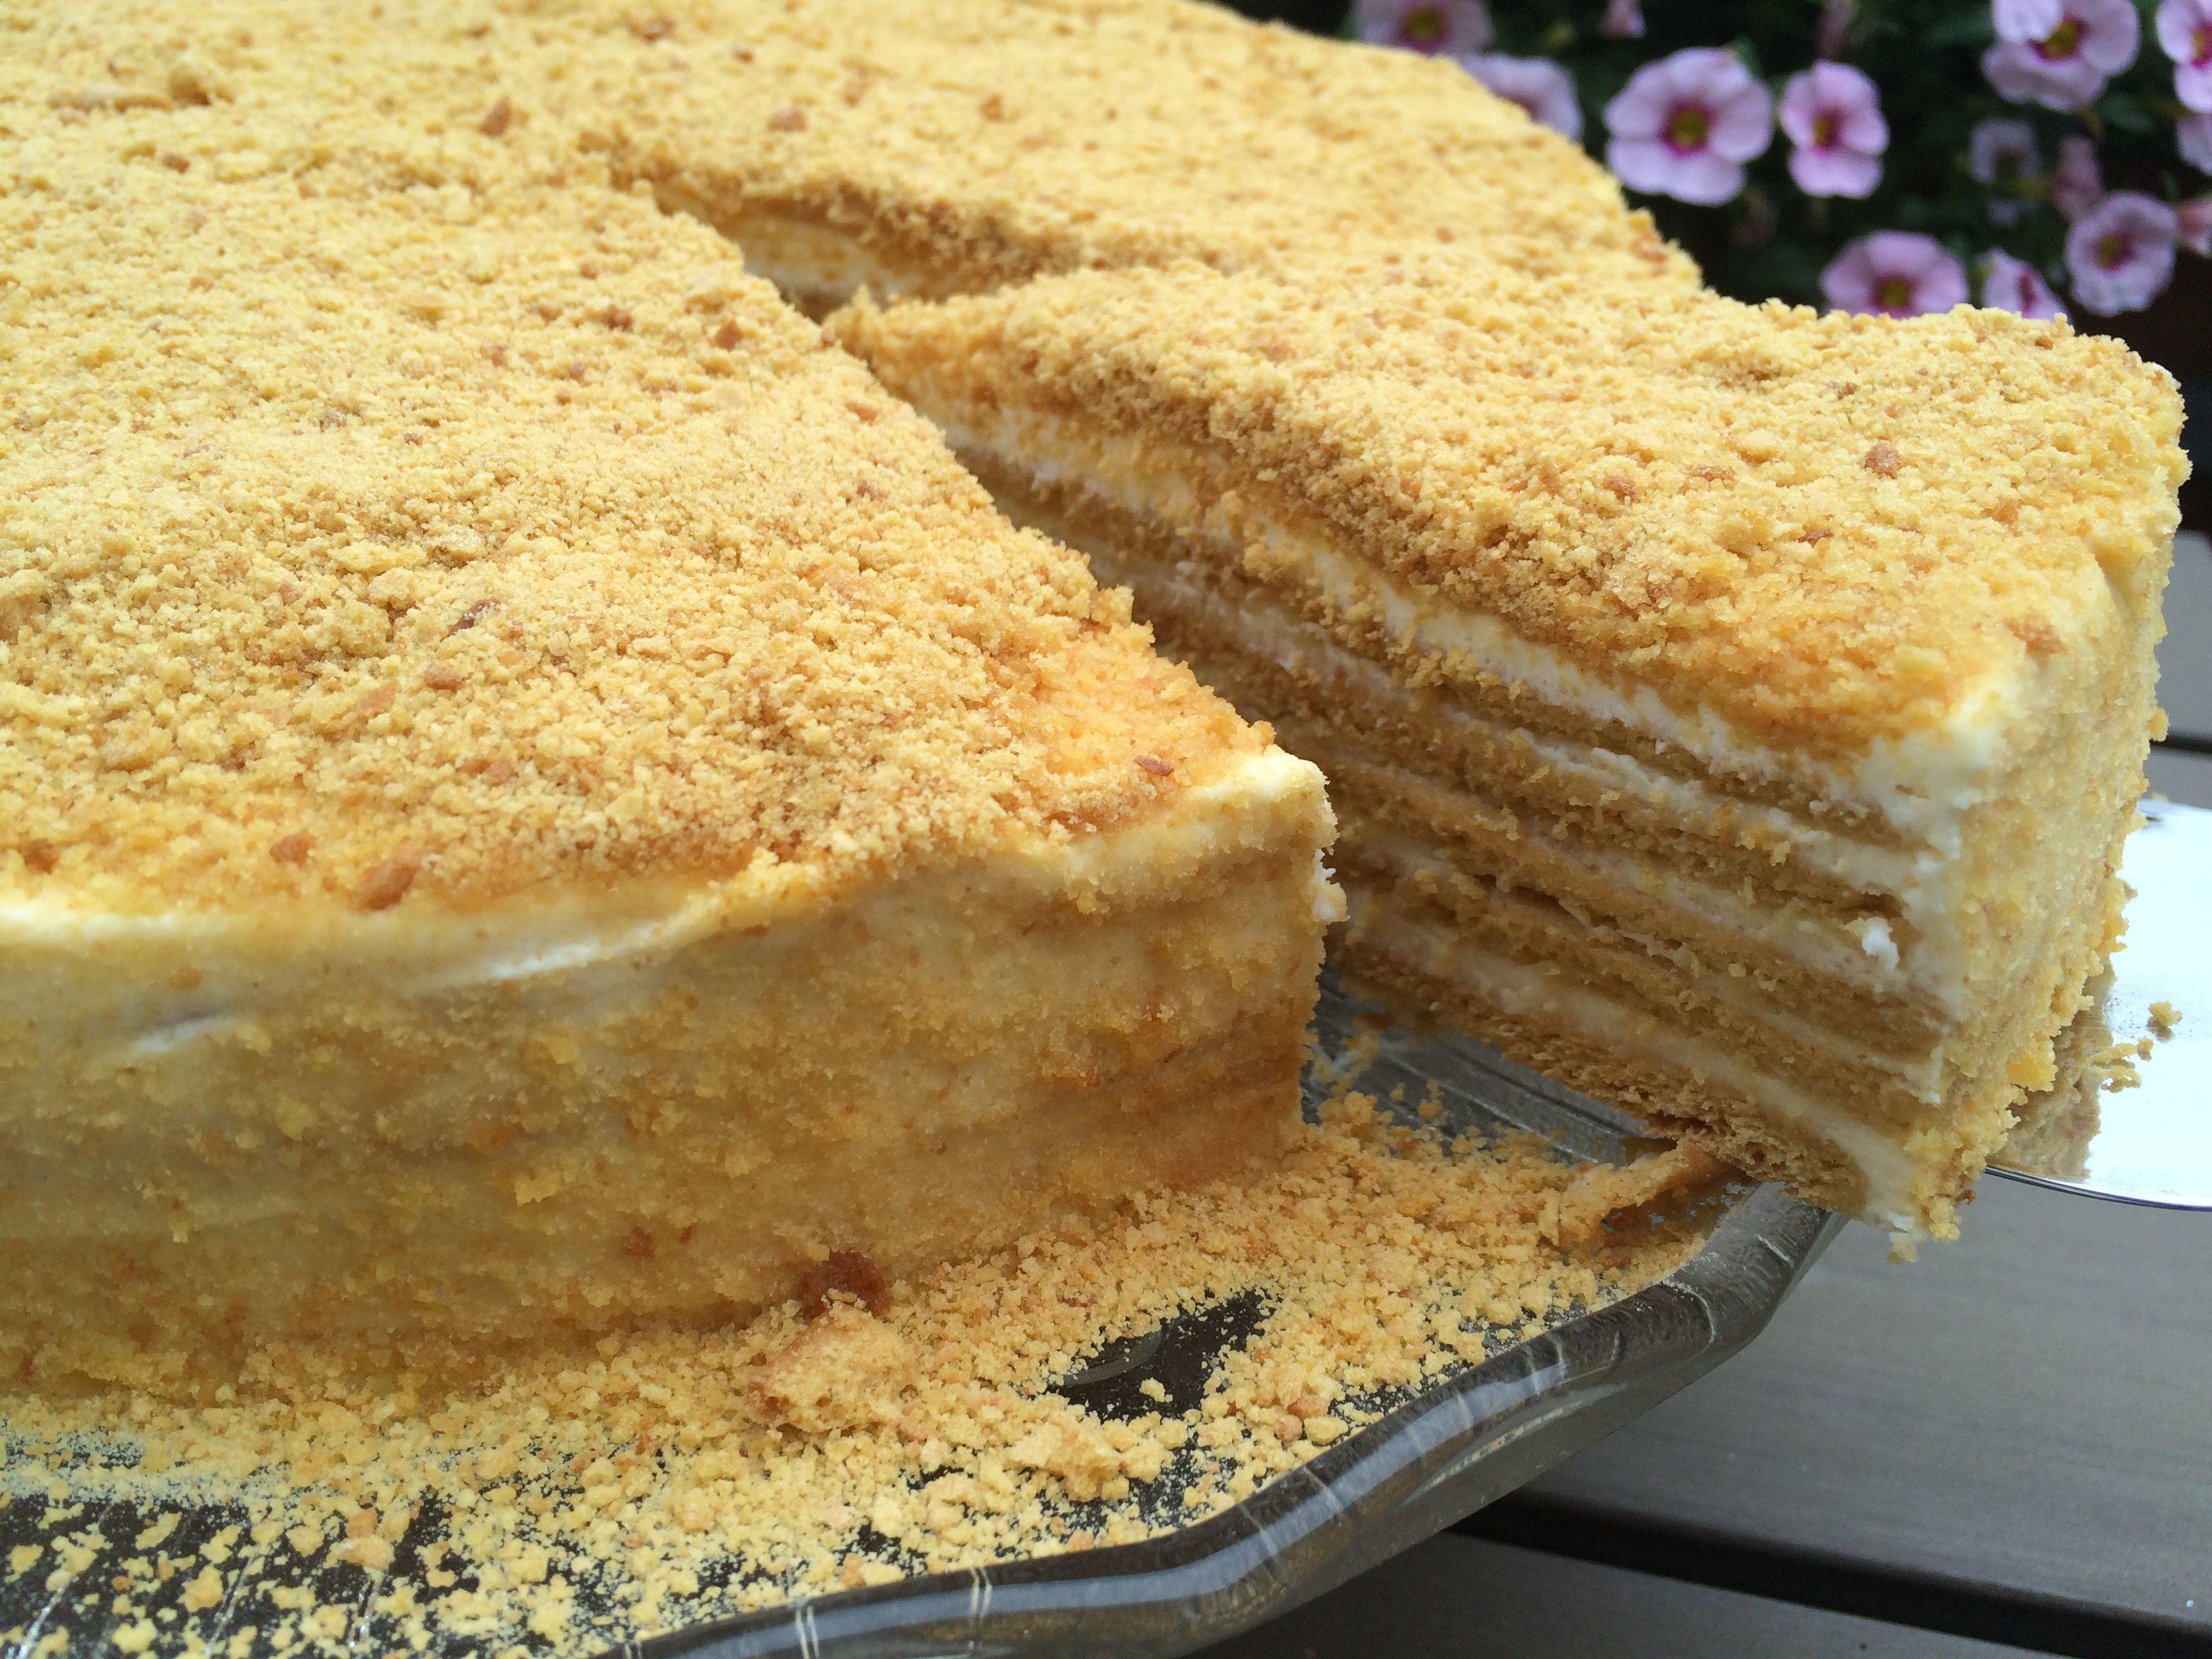 Heute Backe Ich Eine Honigtorte Mmmhhh Lecker Kuchen Und Torten Susses Backen Kuchen Ohne Backen